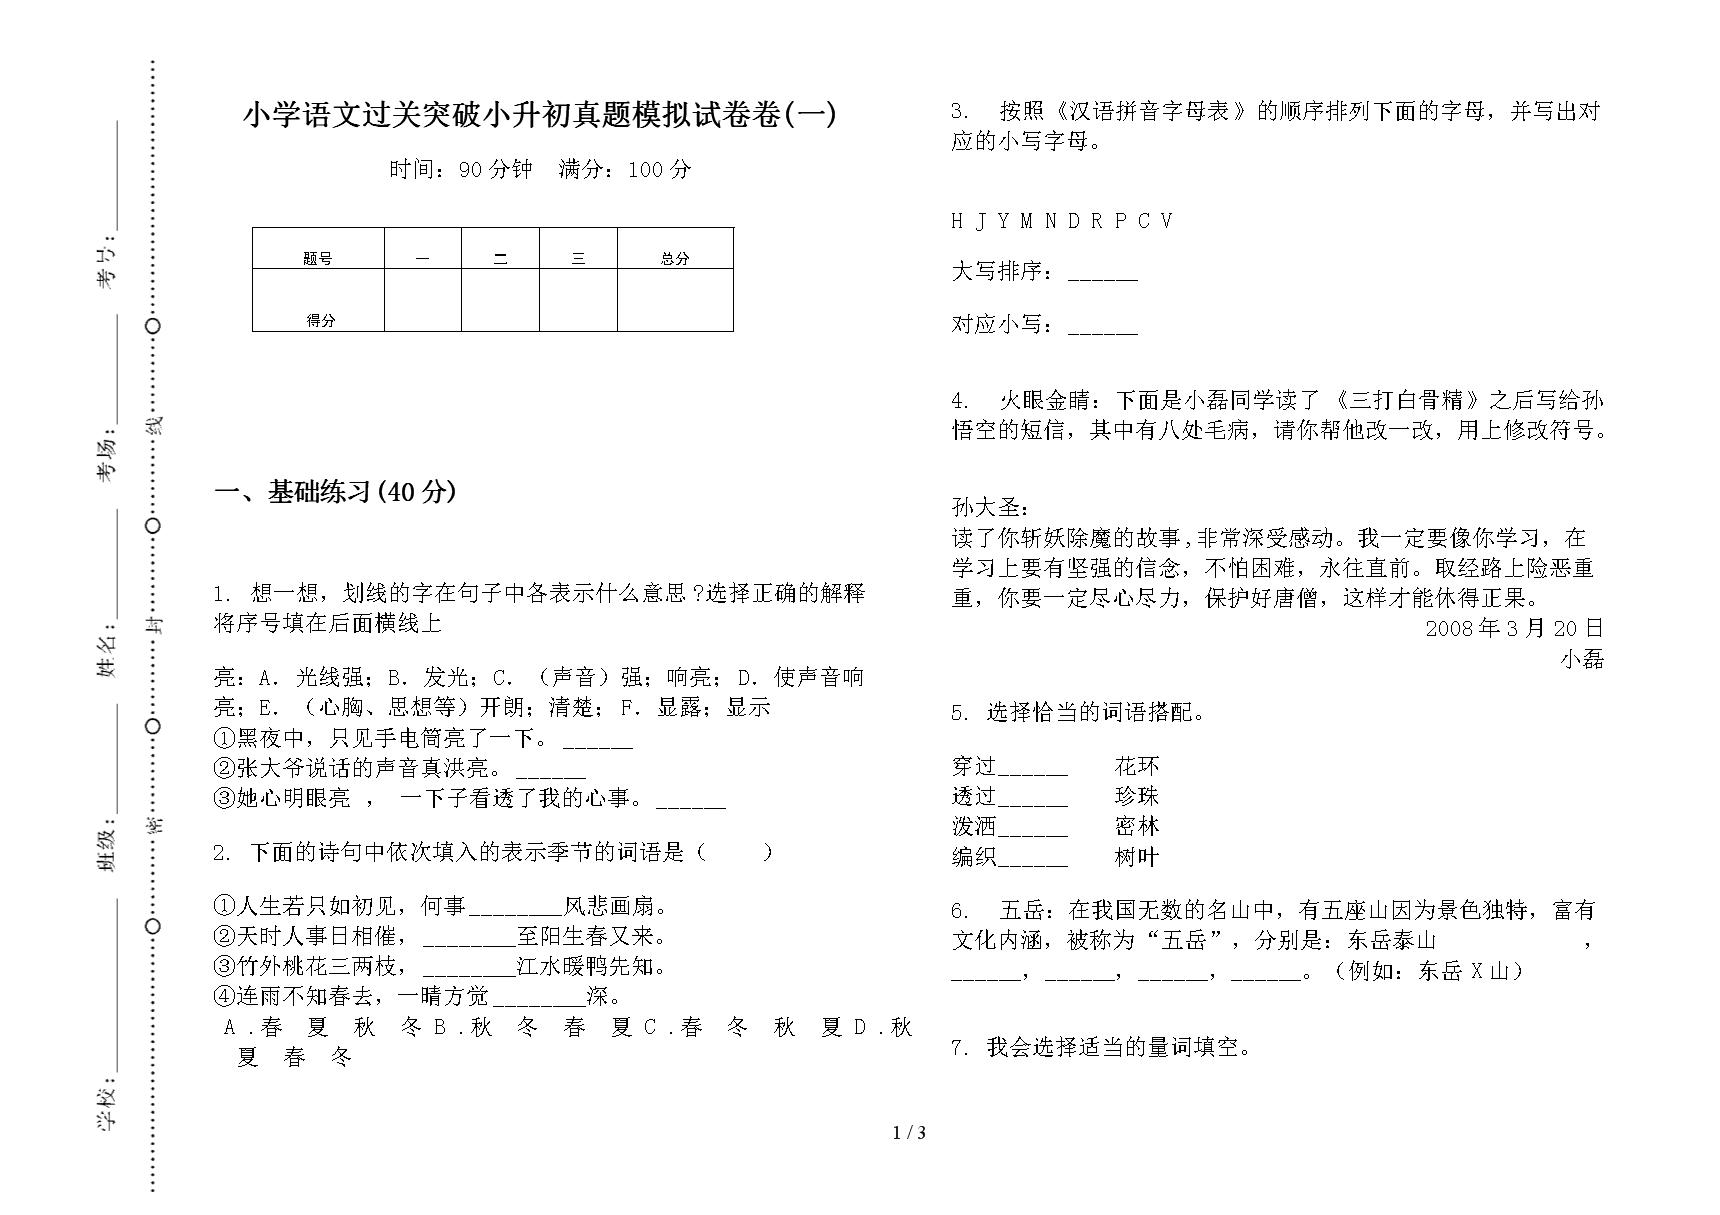 小学语文过关突破小升初真题模拟试卷卷(一).docx